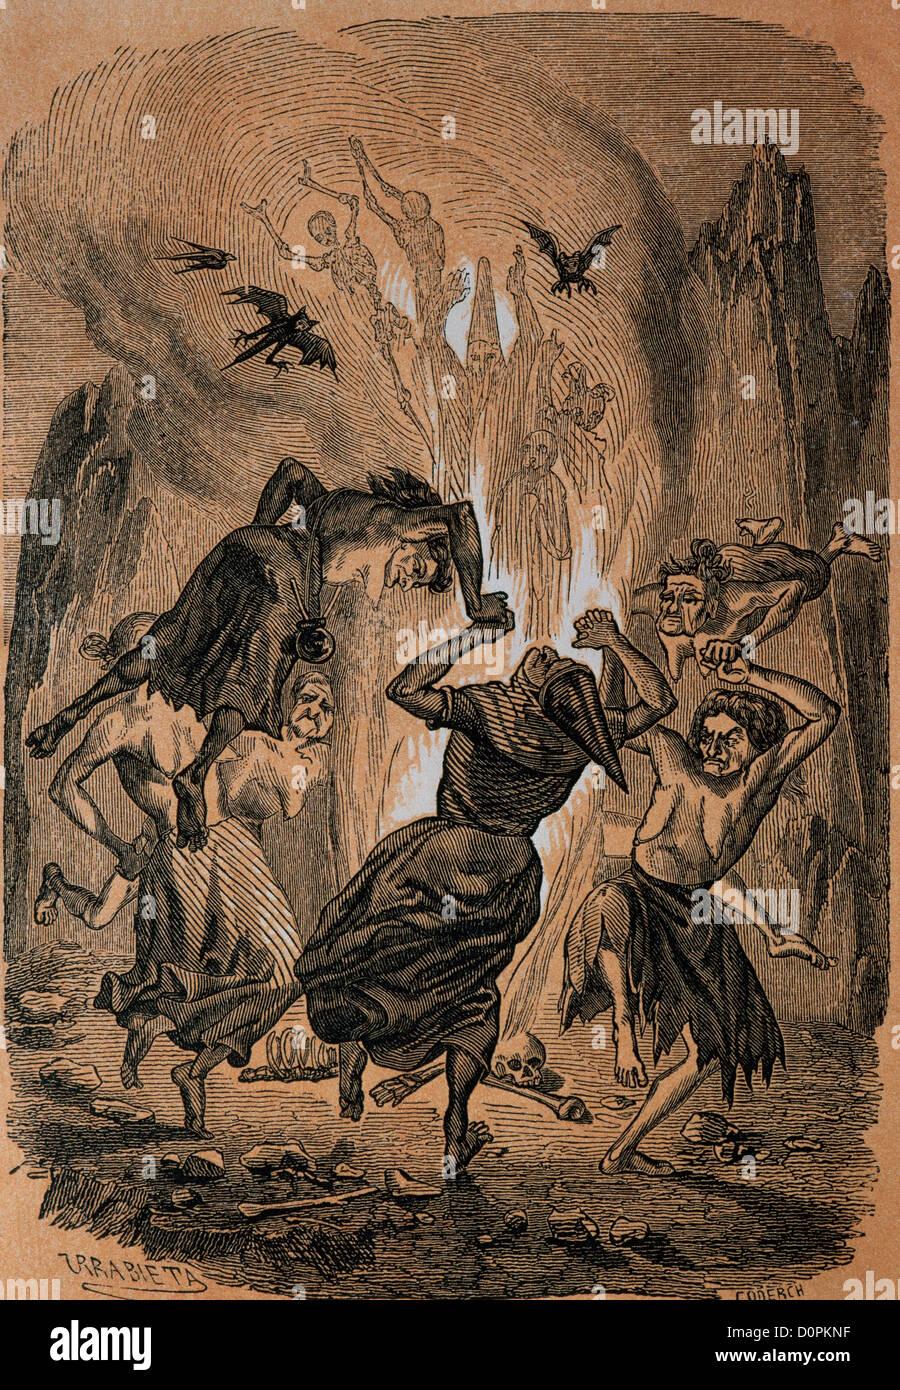 Wenceslao Ayguals de Izco (1801-1875). Spanischer Schriftsteller. Arm und reich oder die Hexe von Madrid. 1849. Stockbild